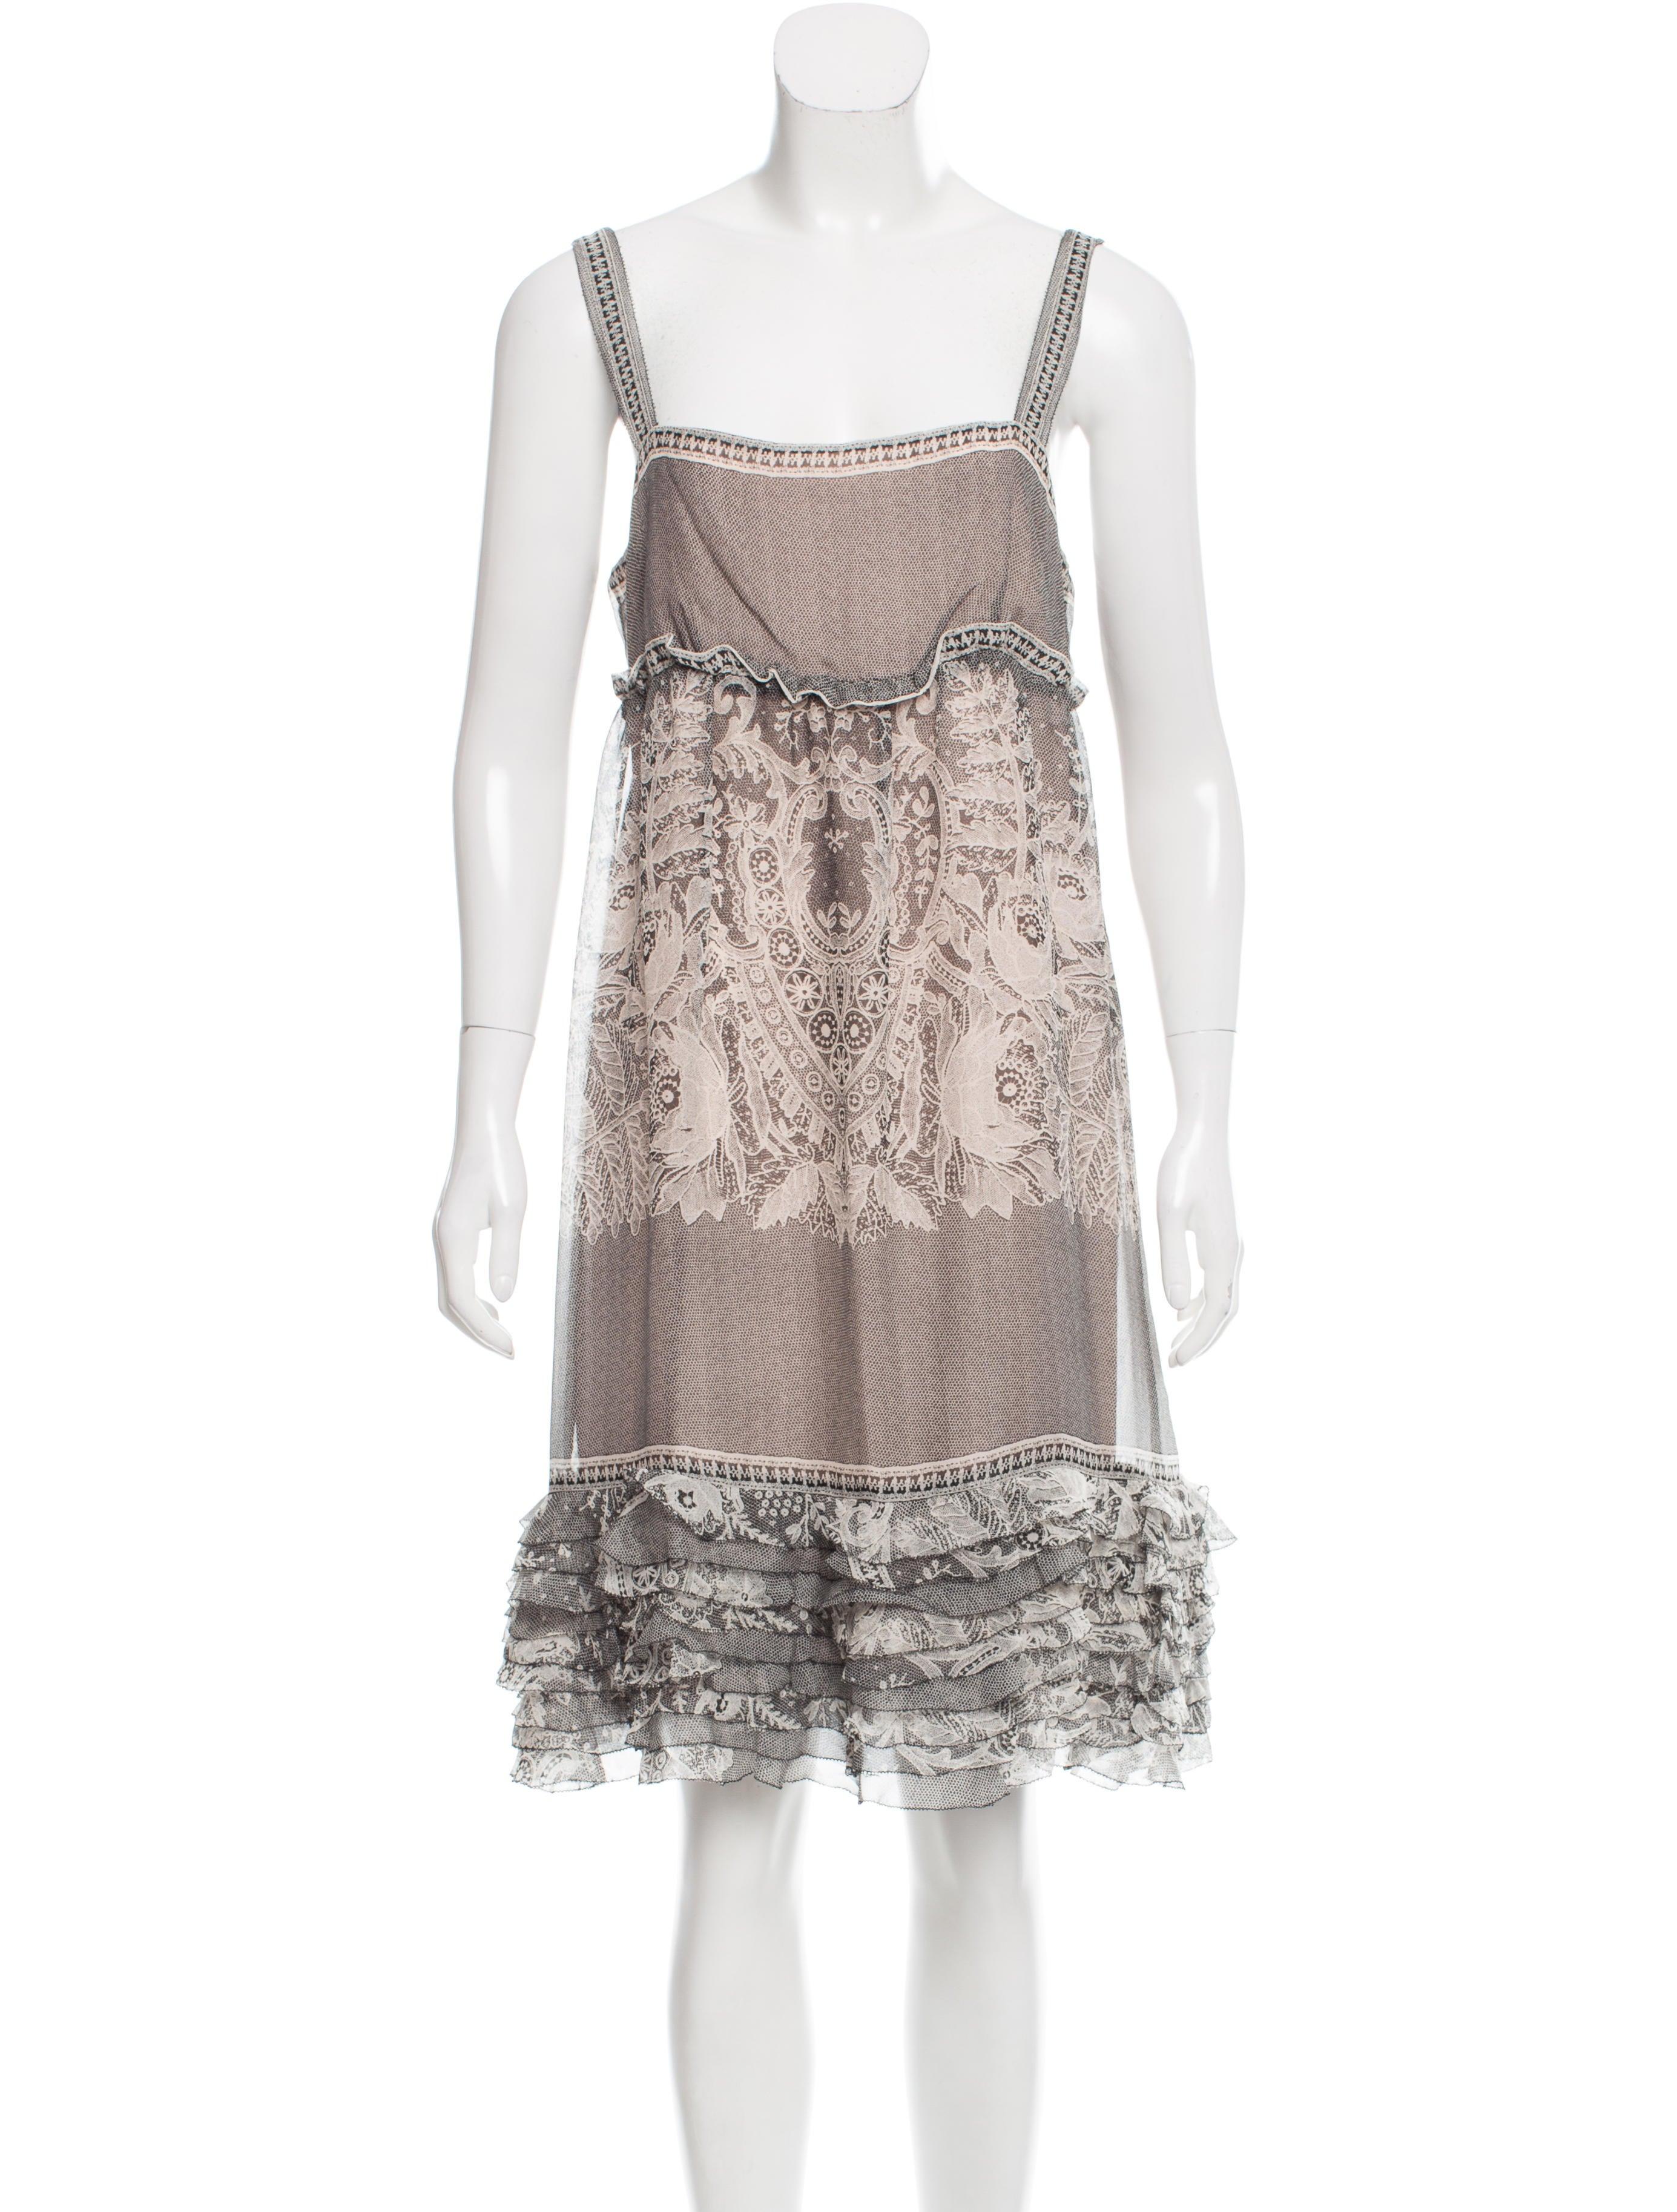 Diane von furstenberg oleada silk dress clothing for Diane von furstenberg clothing